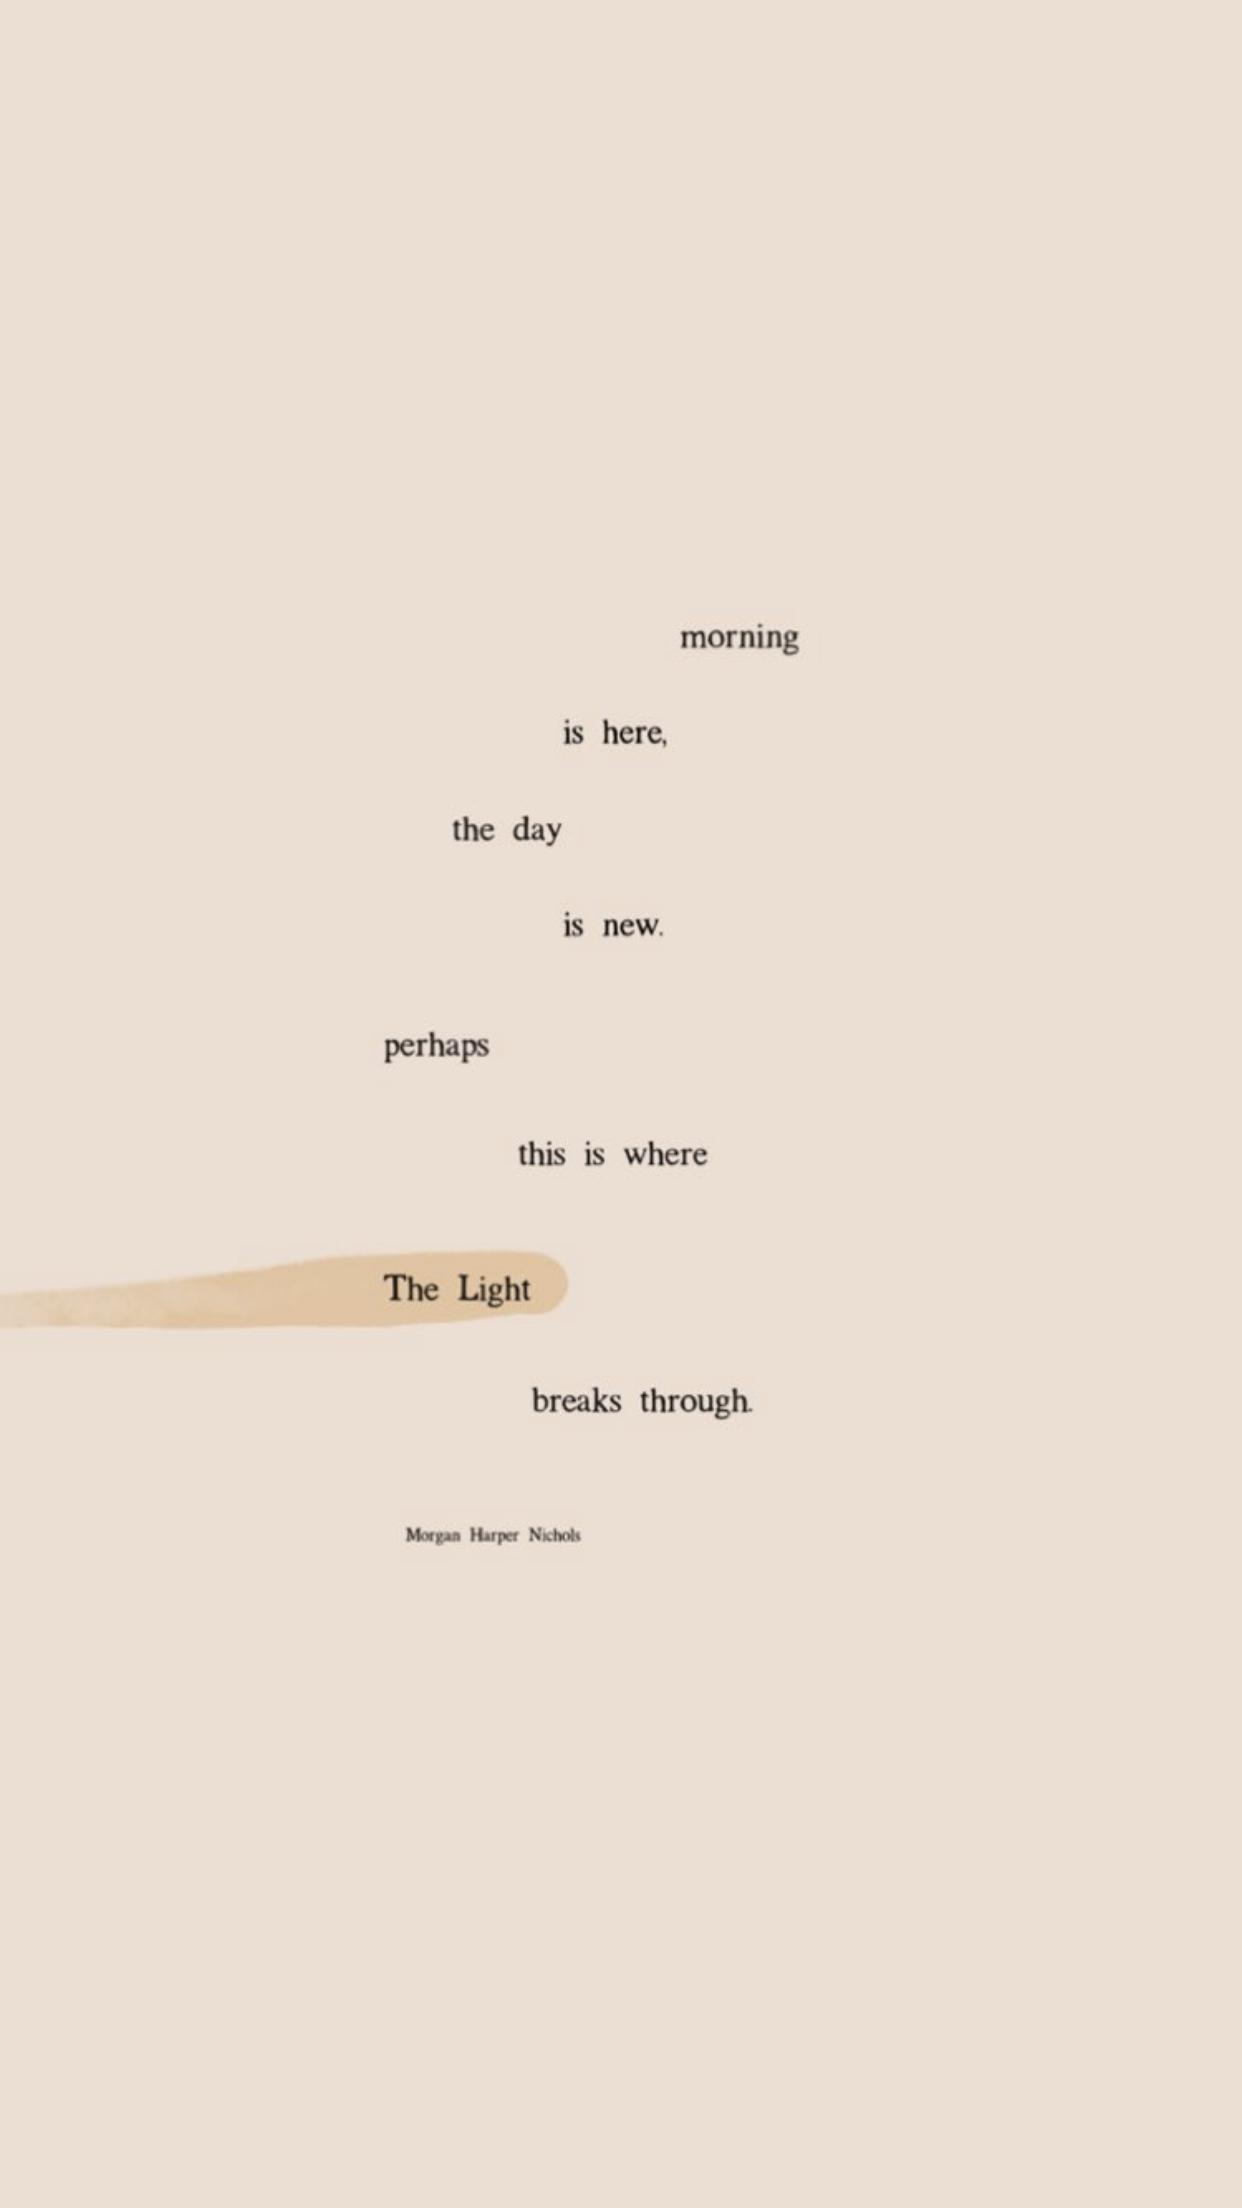 Morgan Harper Nichols | Palavra, Palavras de inspiração, Papel de parede  com frases